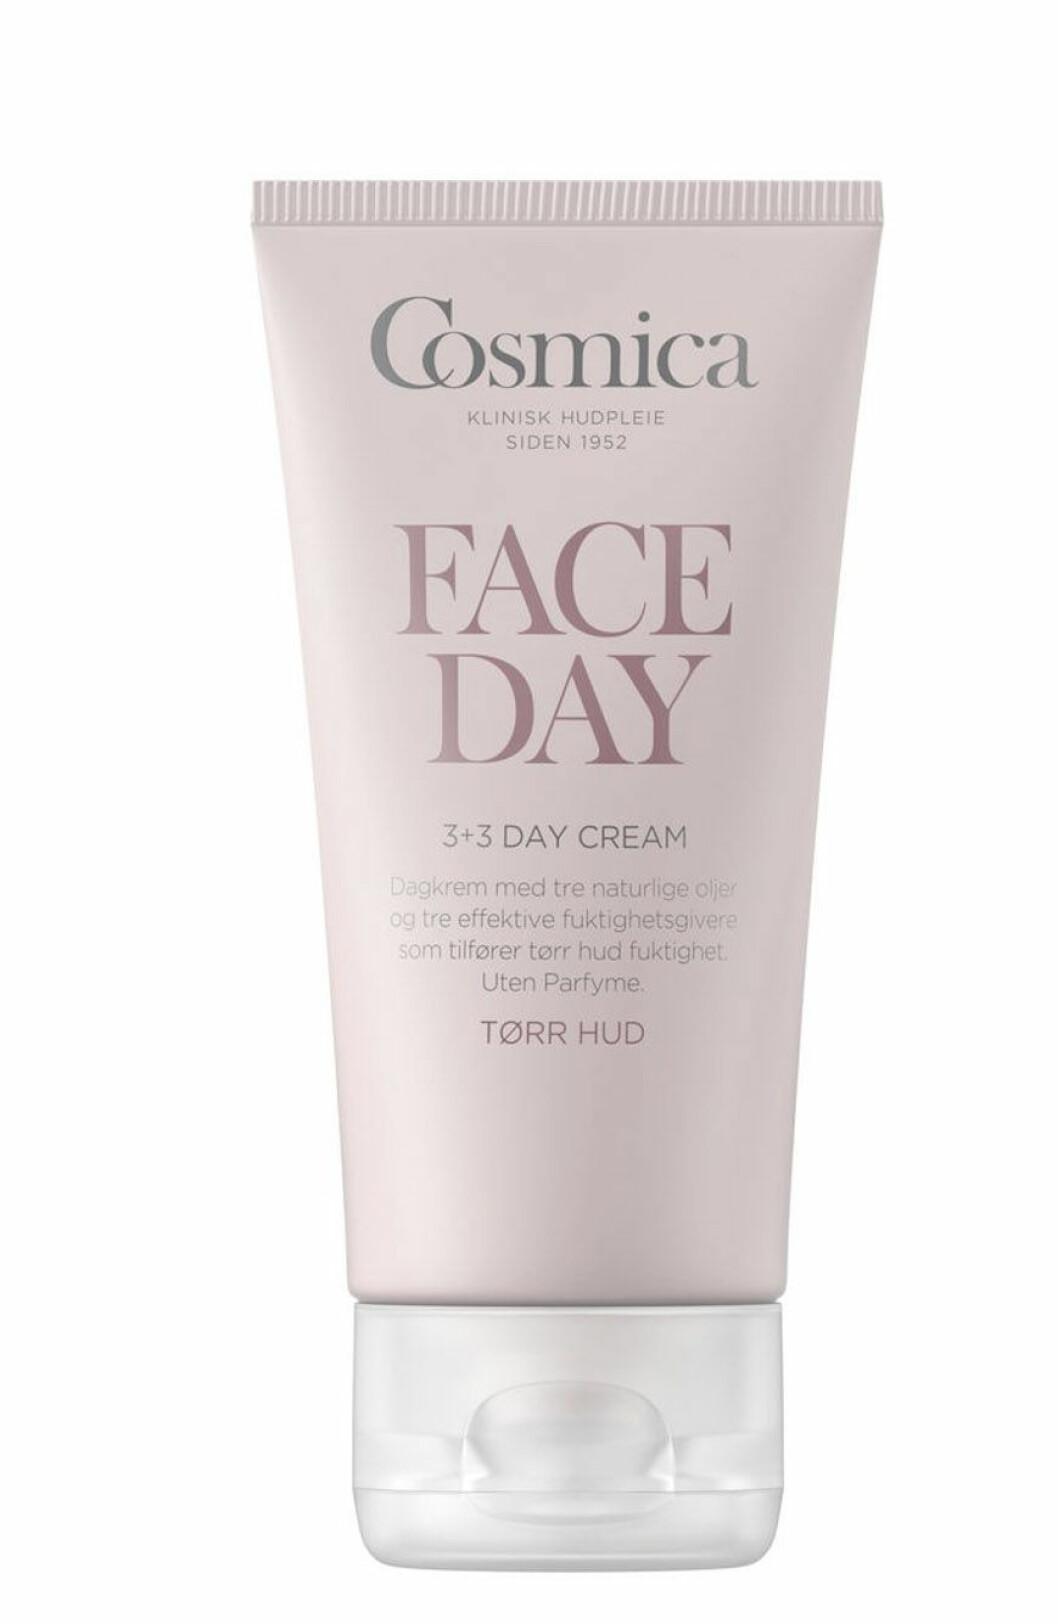 Med vitamin A-derivat og oppstrammende peptider (kr 700, Emma S, Ultimate Night Cream) Vitamincoctail av B, C og E (kr 150, Cosmica, Face Day, Vitalising Day Cream).